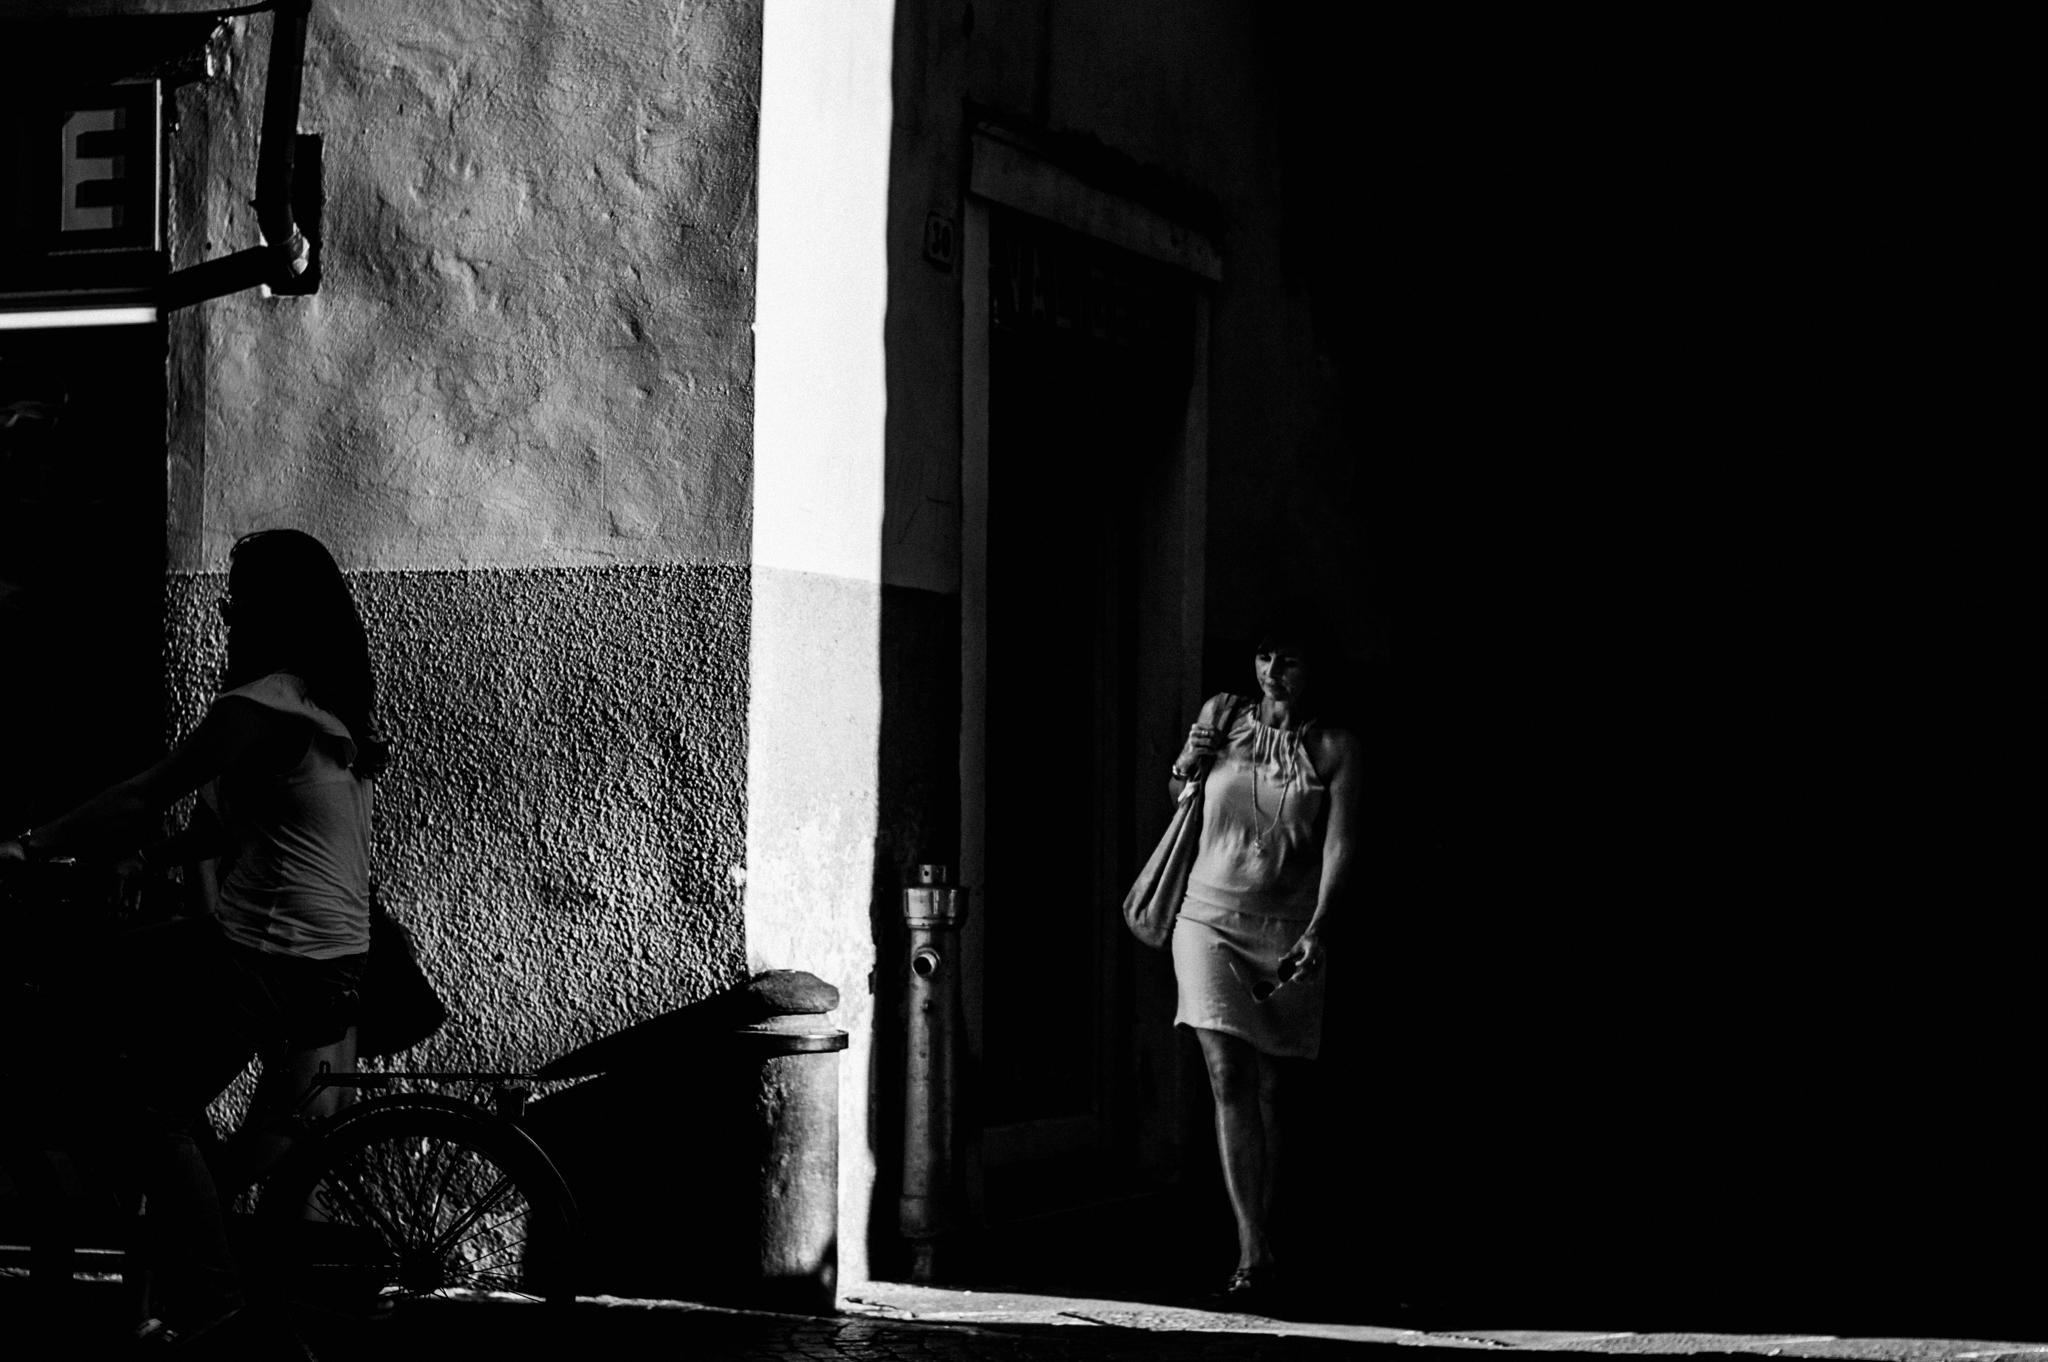 Progetto fotografico – Nell'ombra